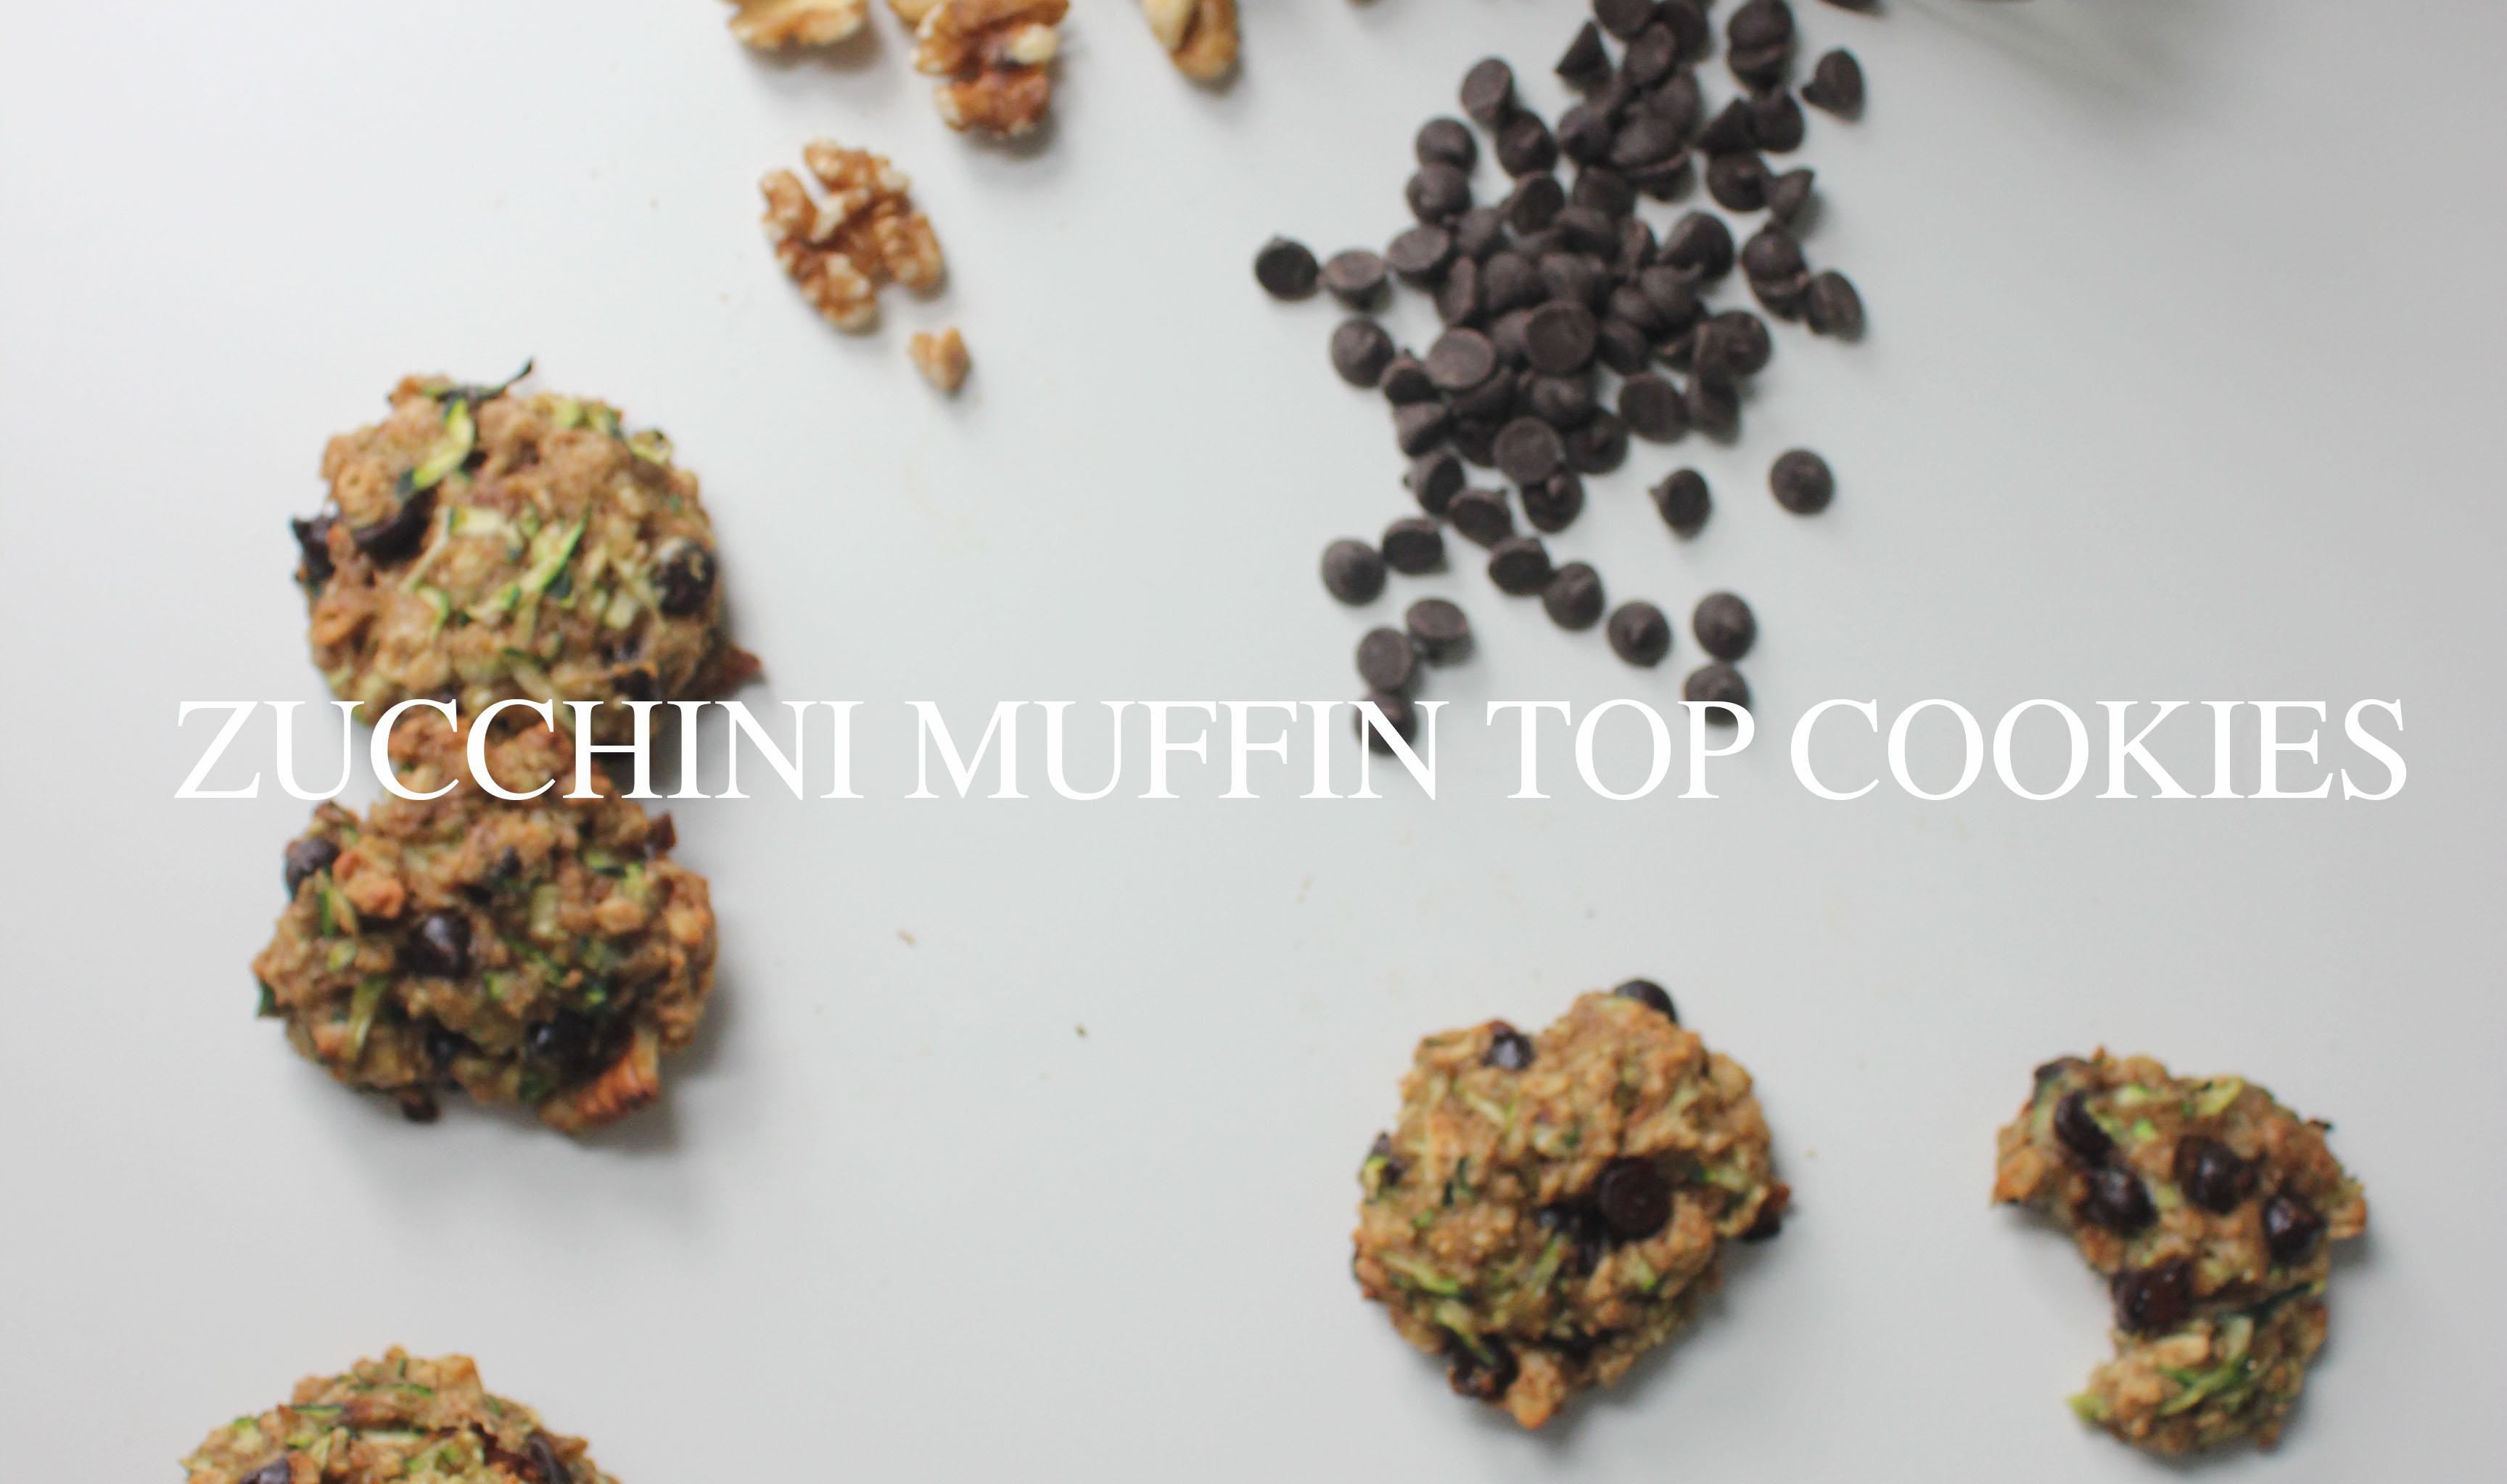 ZUCCHINI MUFFIN TOP COOKIES